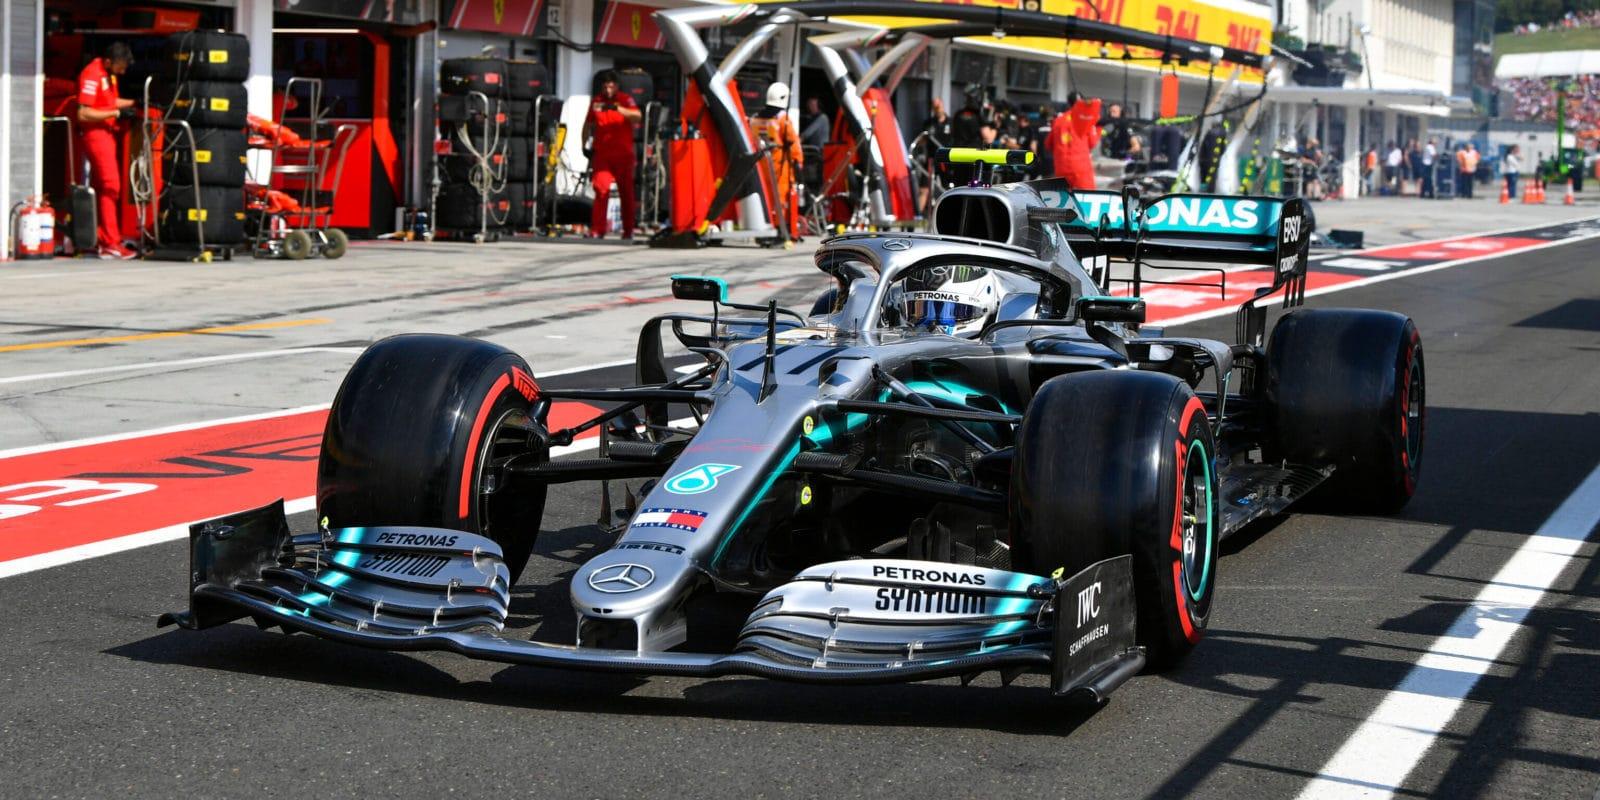 Tohle si mohl Leclerc odpustit, zlobí se Bottas